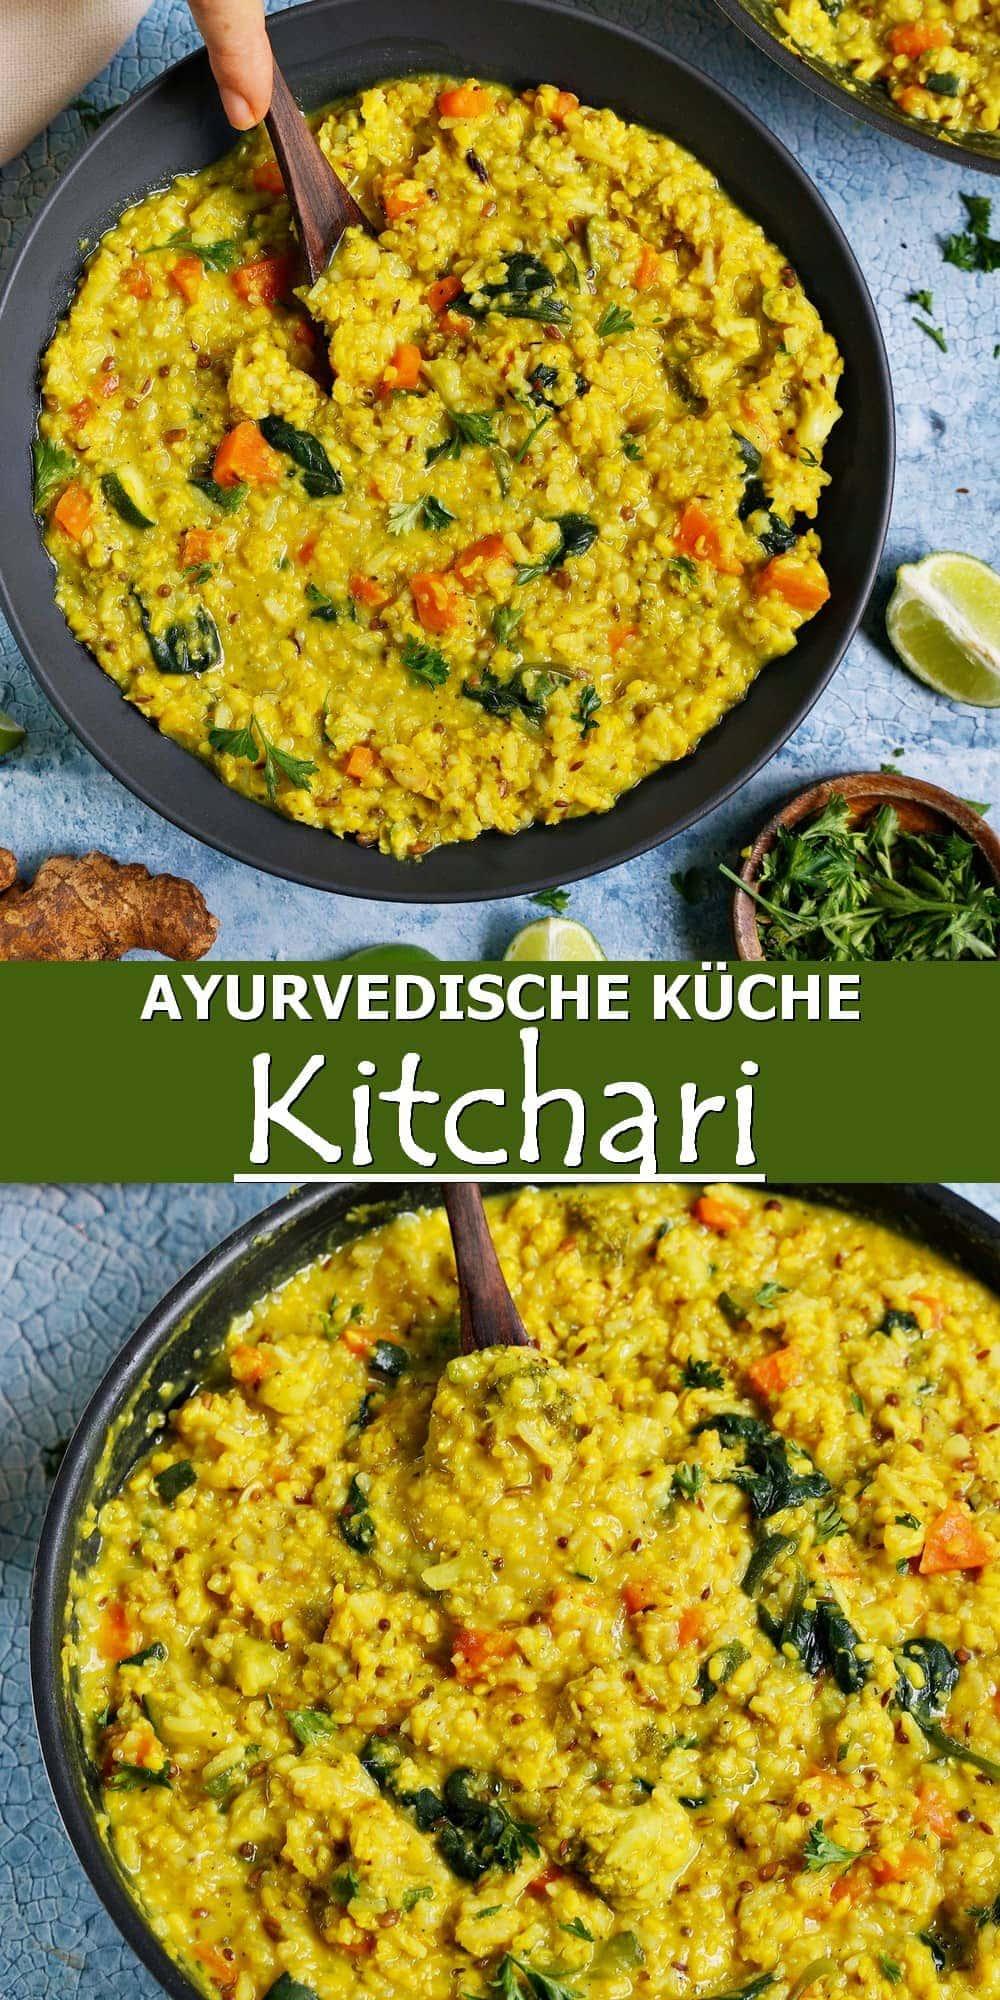 Pinterest Collage Ayurvedische Küche - Kitchari